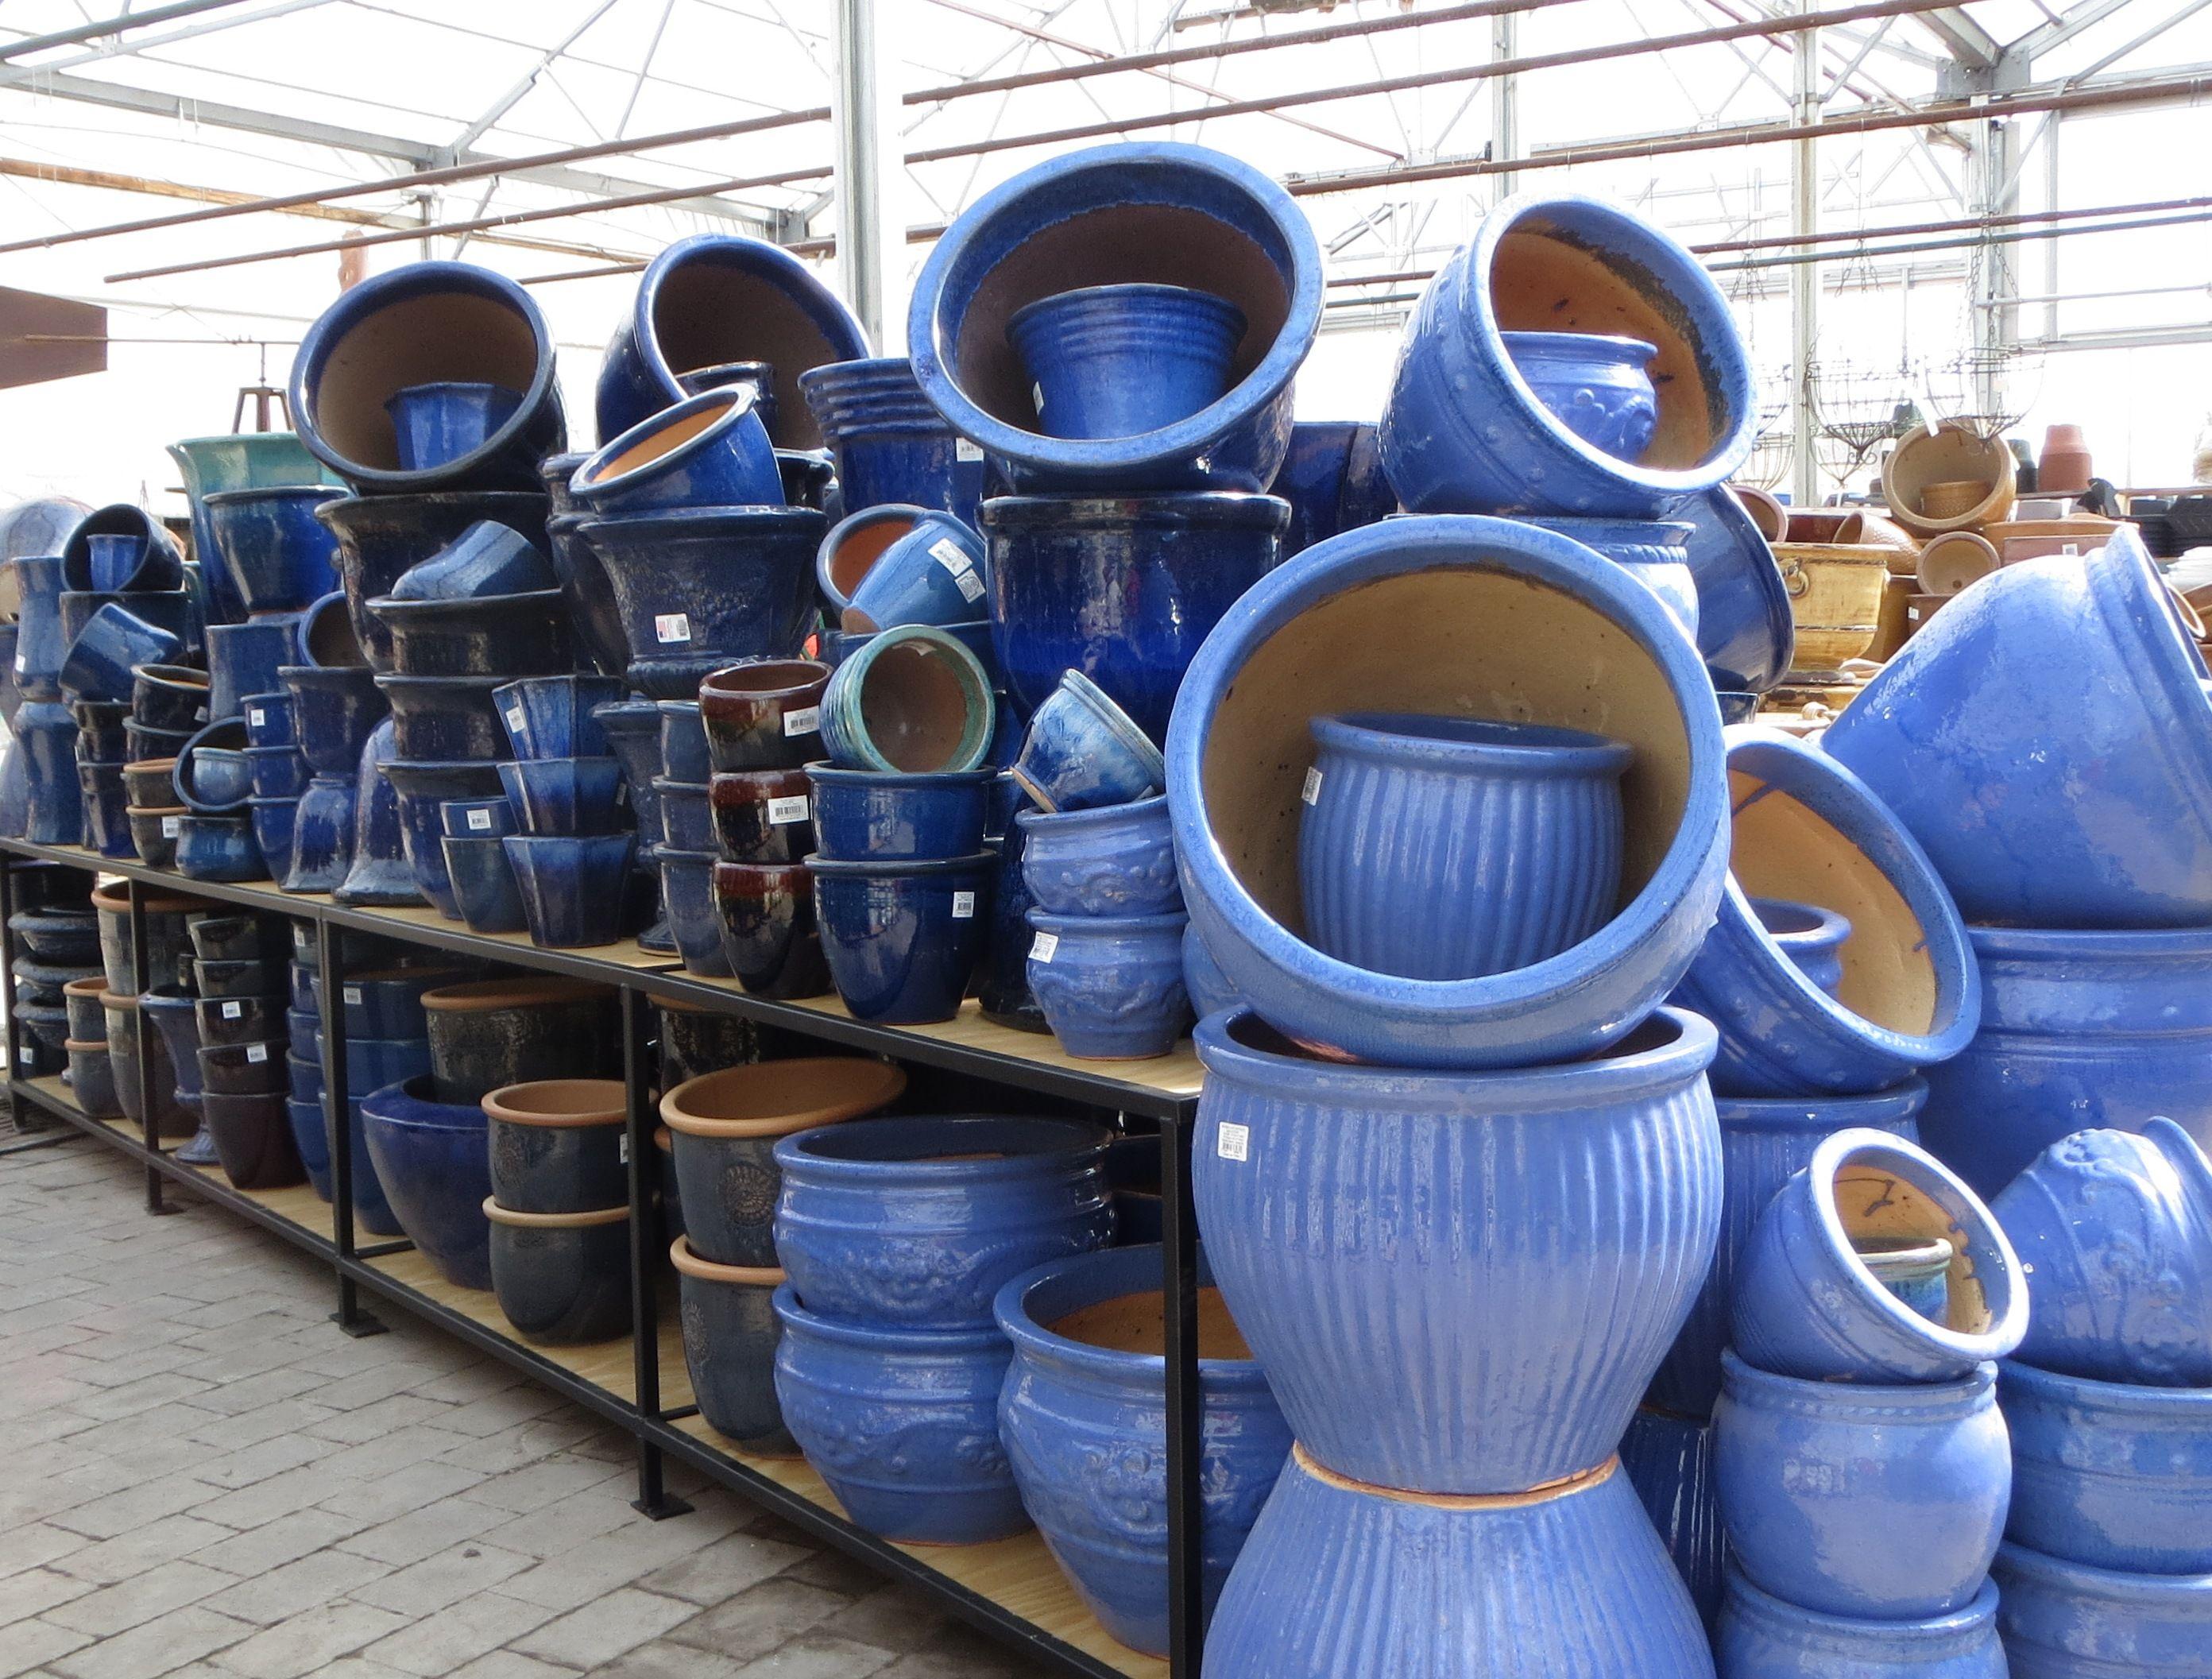 Do you like the hue of blue? So do we! Bristol's Garden